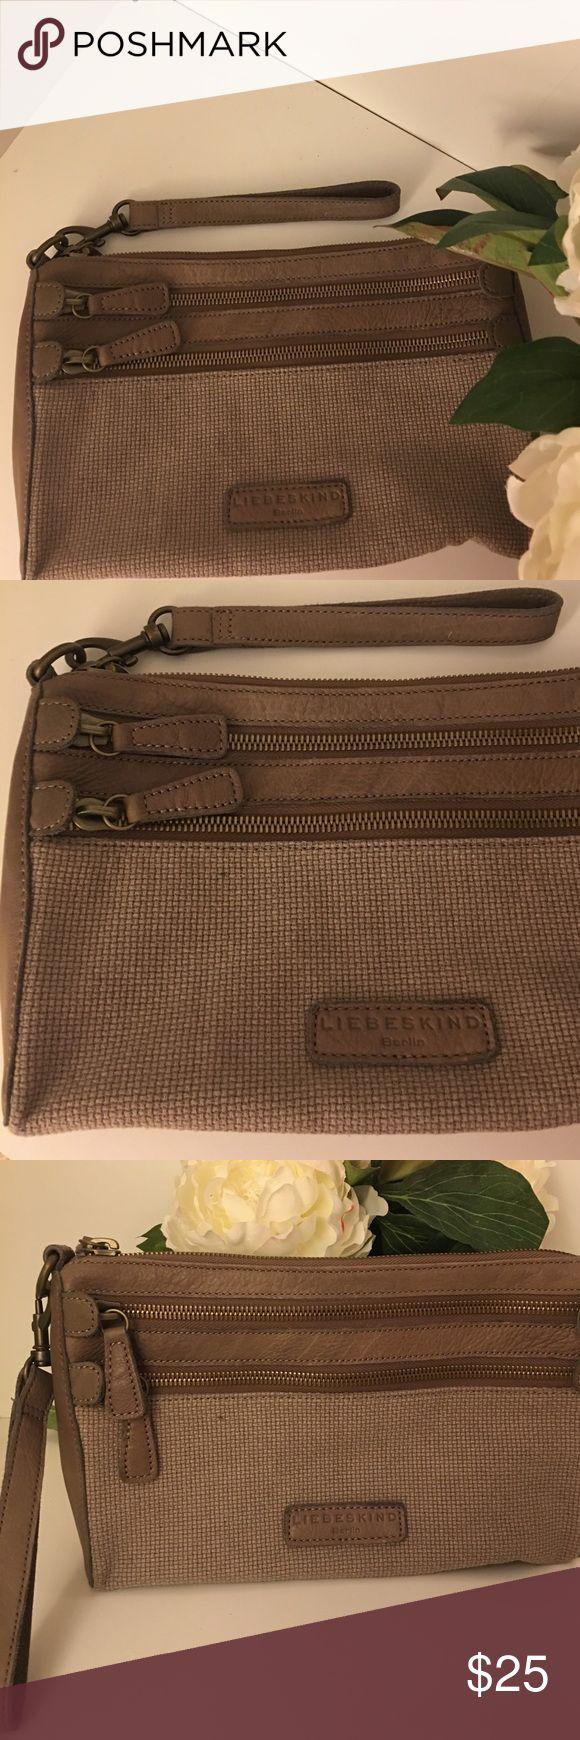 Liebeskind Leather trim clutch Liebeskind leather trim clutch Liebeskind Bags Clutches & Wristlets